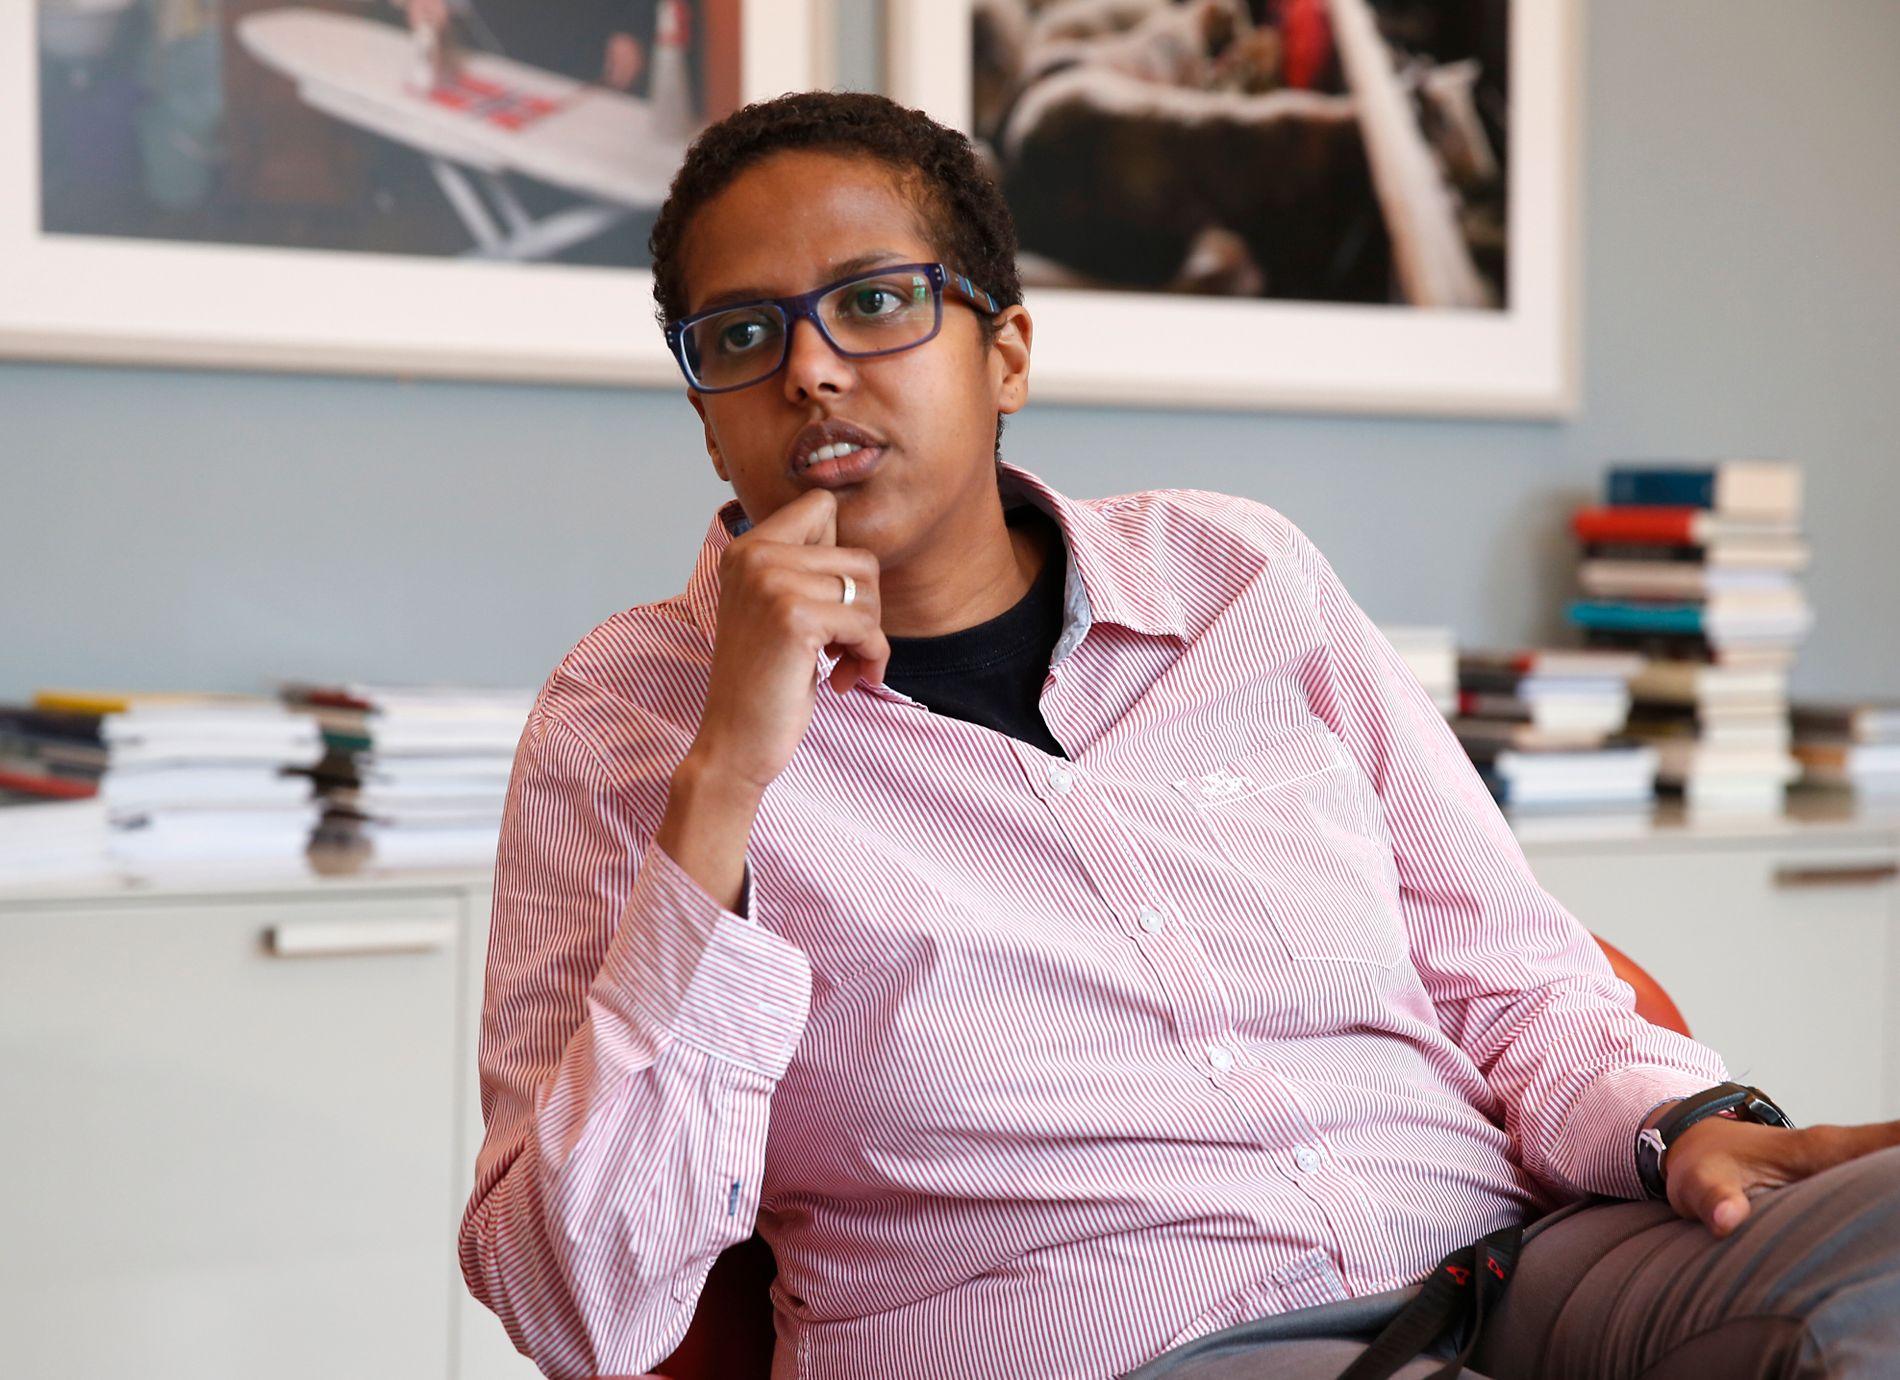 BARSKT DEBATTKLIMA: – Flere og flere av oss vurderer en stund før vi ytrer oss, skriver Amal Aden.